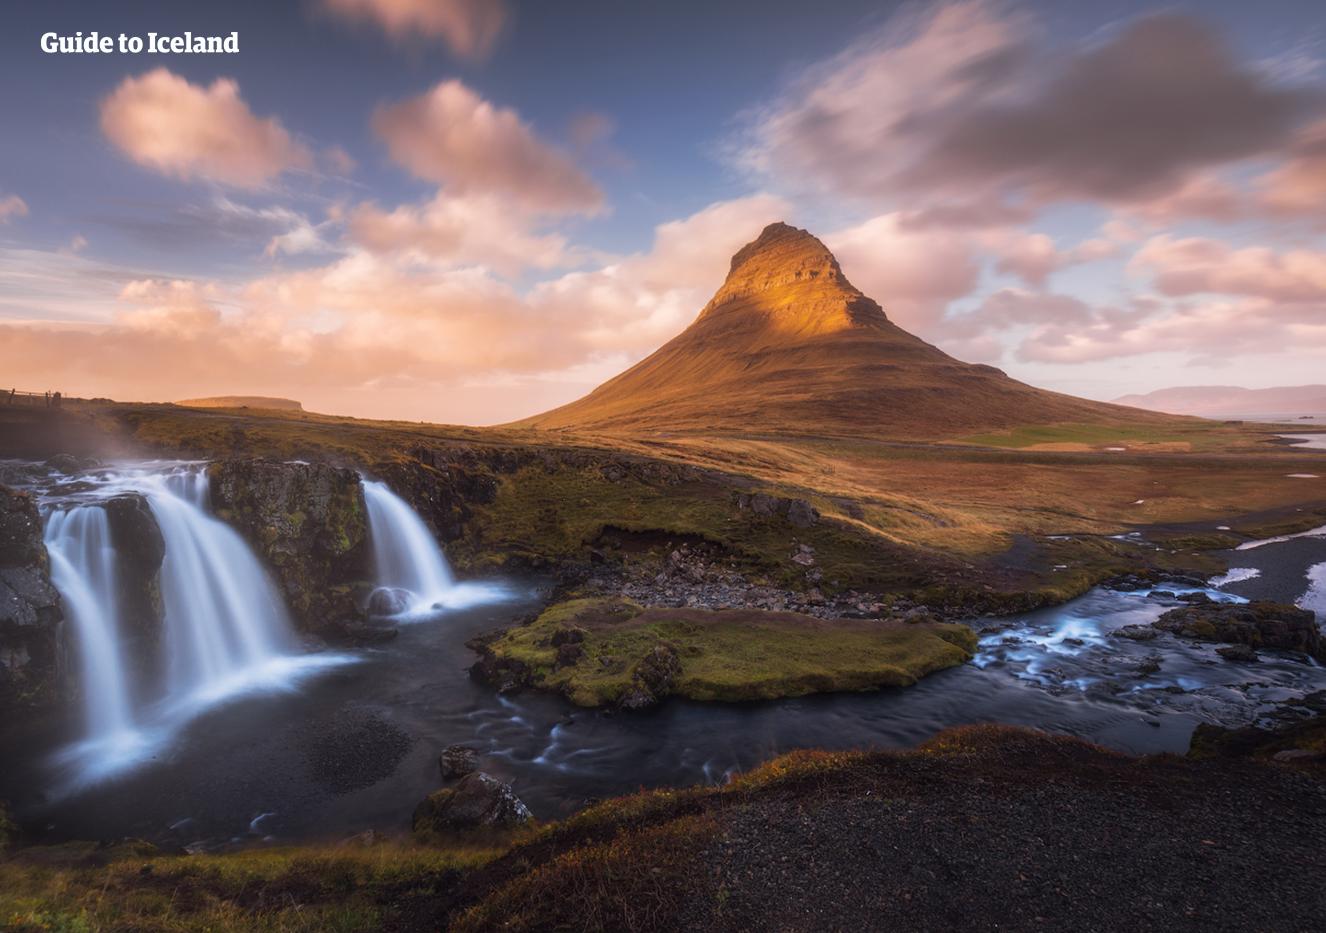 Viaje de 7 días a tu aire por el oeste y sur de Islandia y el Círculo Dorado - day 2